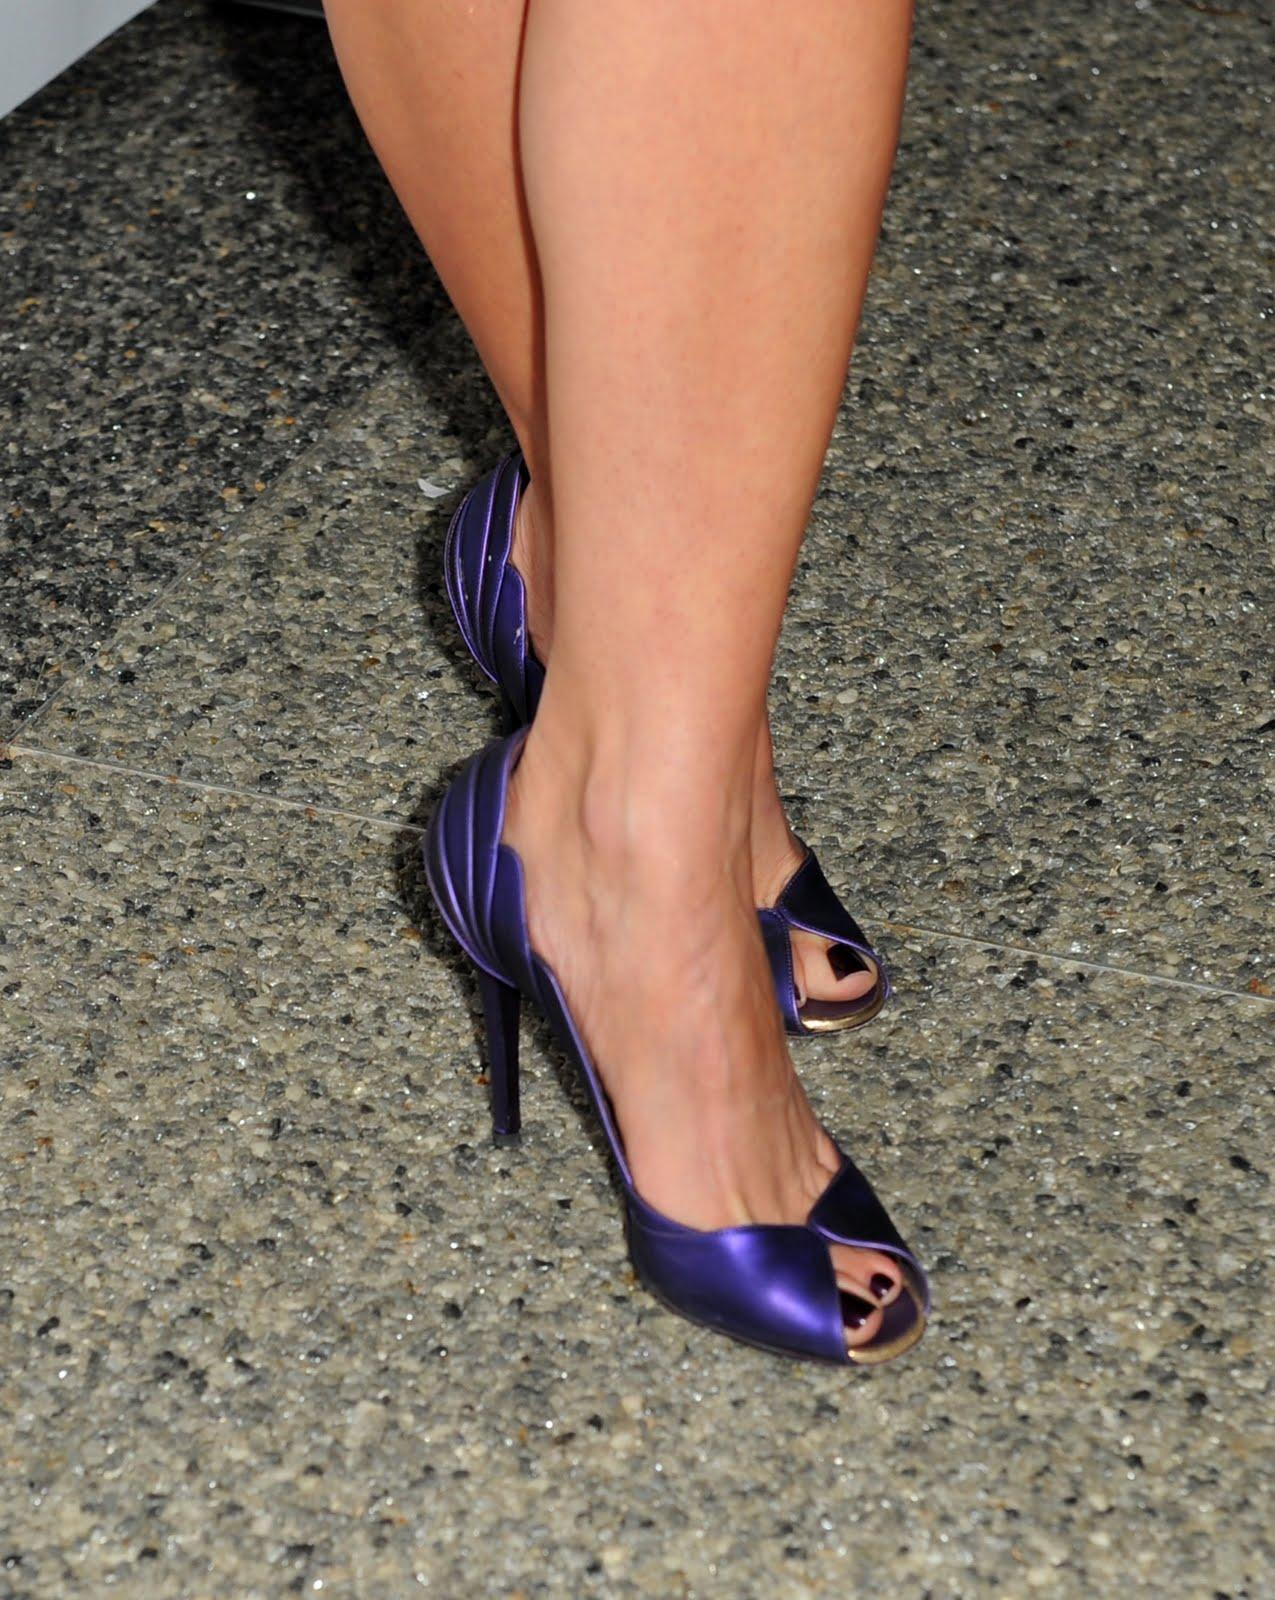 http://2.bp.blogspot.com/_UaLWp72nij4/TDep44HVPXI/AAAAAAAAQ3A/ZjsGb83QgsQ/s1600/roselyn-sanchez-feet-5.jpg